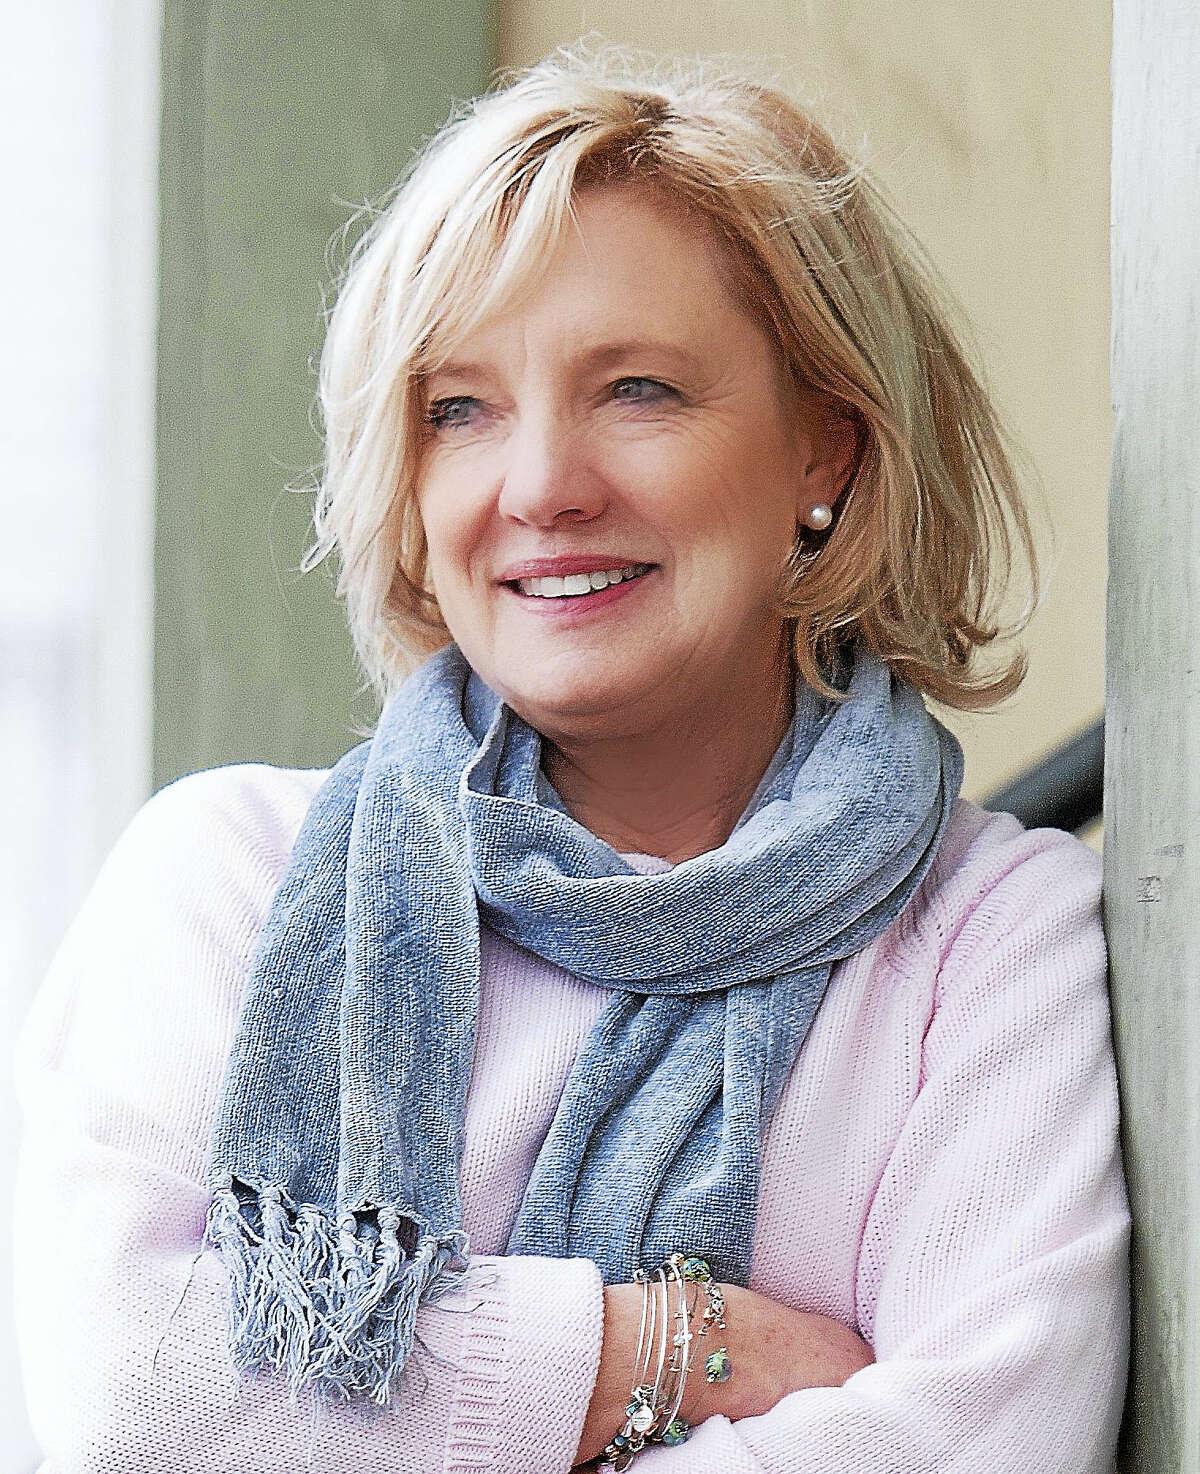 Guilford author Maddie Dawson, pen name of Sandi Kahn Shelton.